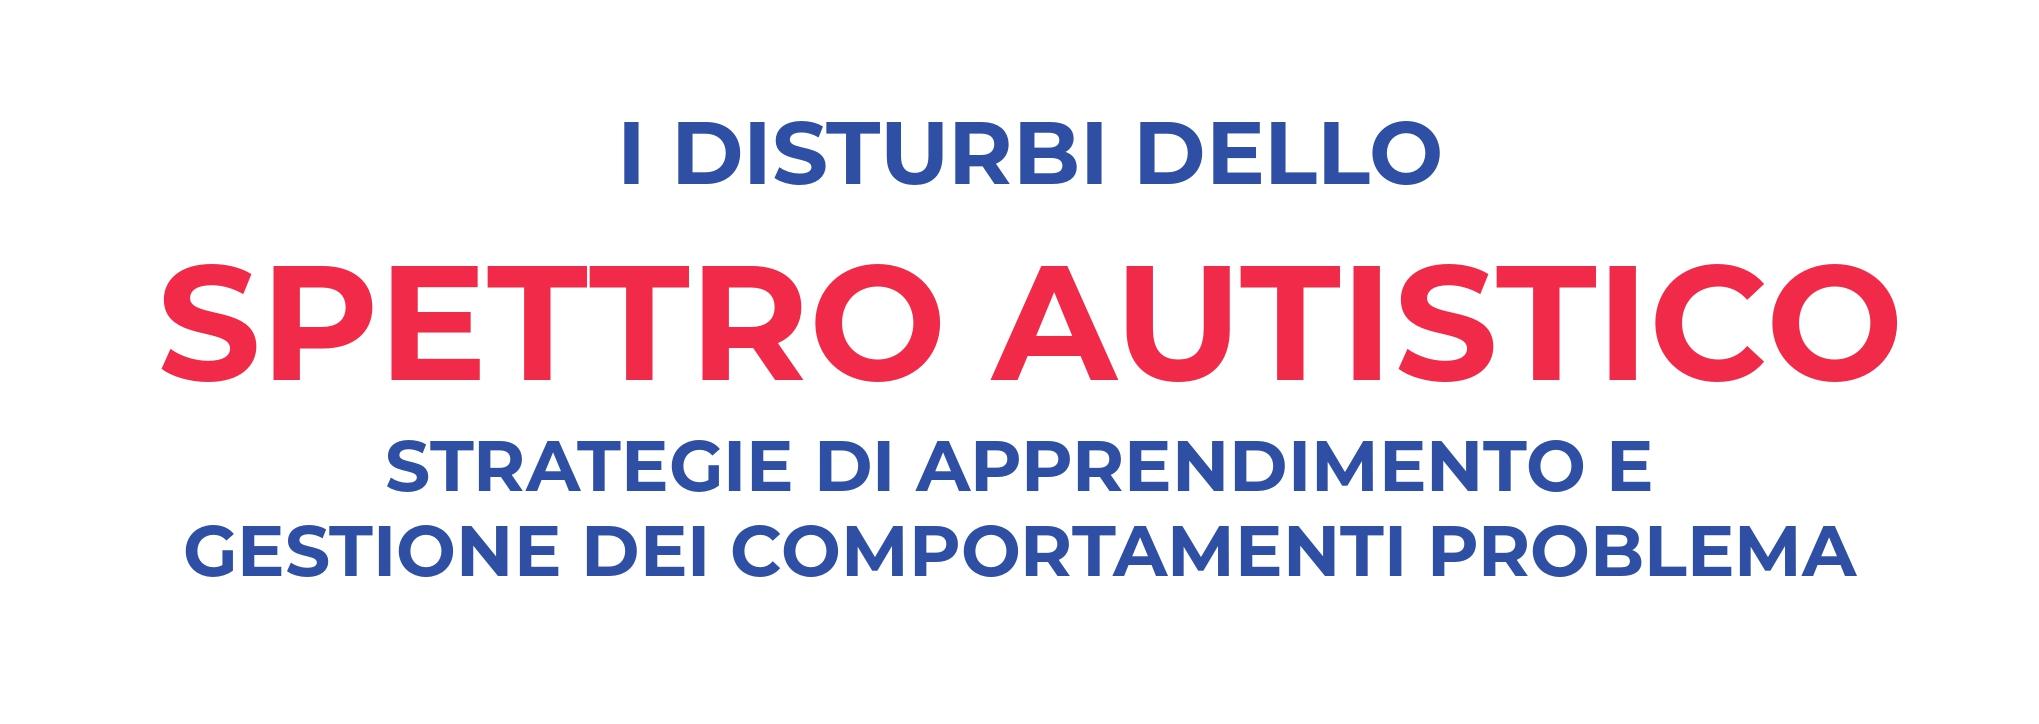 """""""I disturbi dello spettro autistico"""" a La Spezia"""